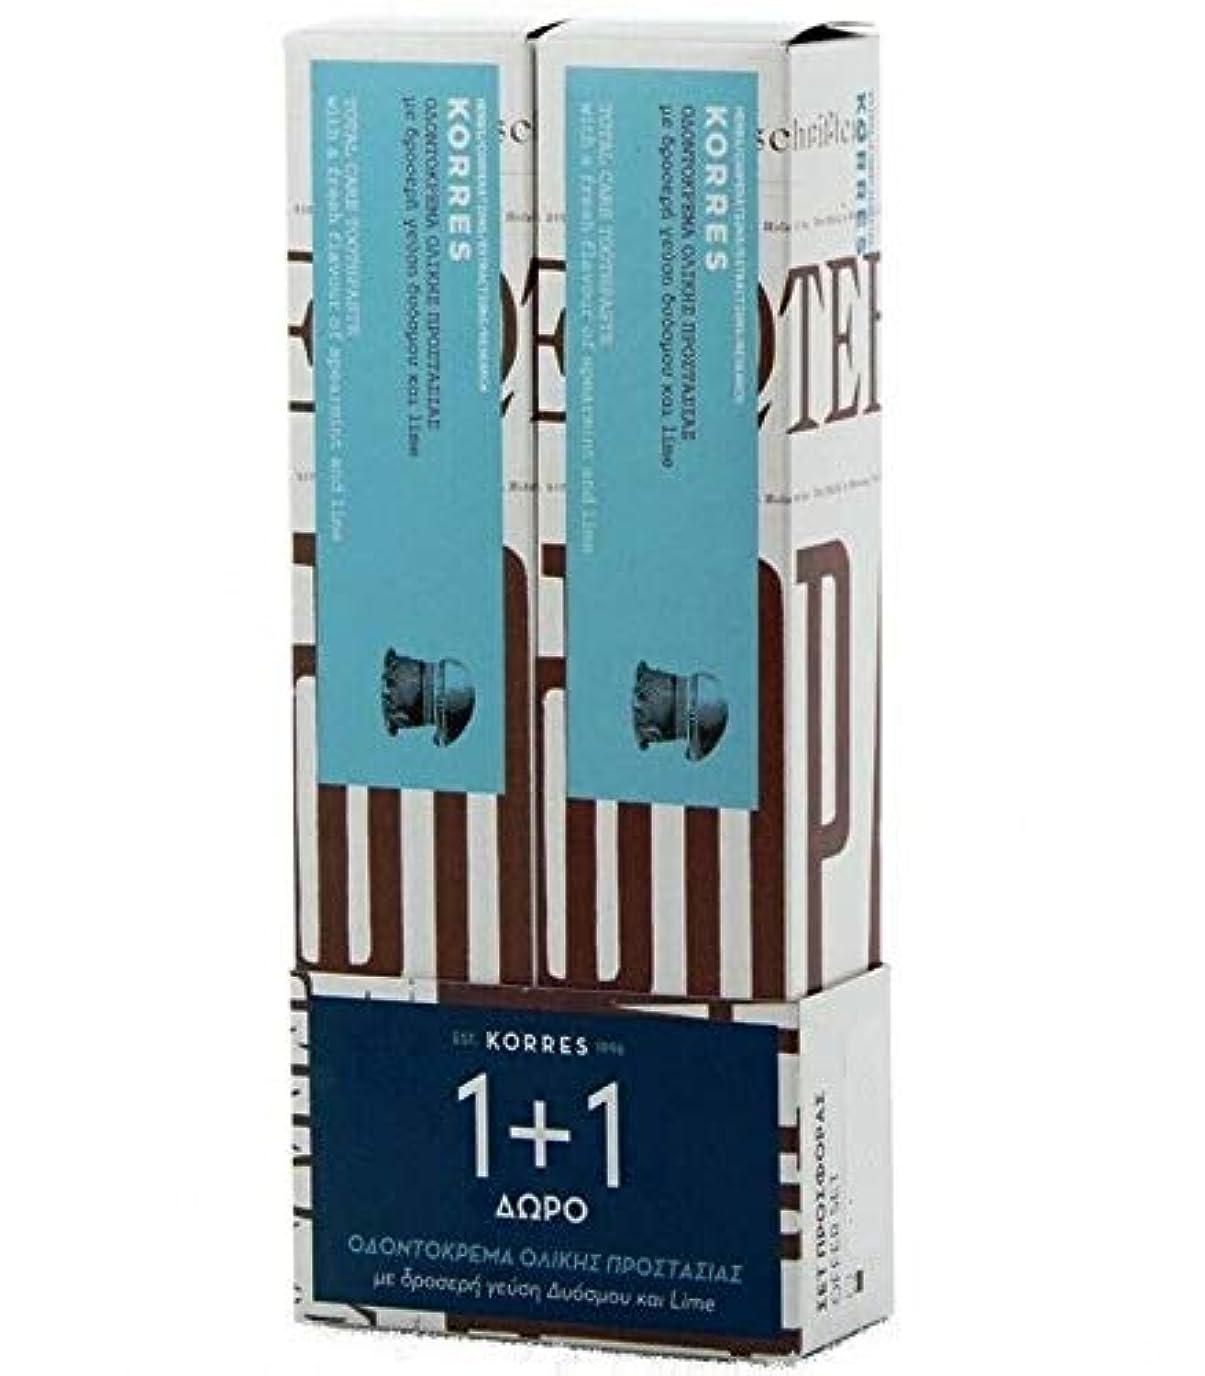 電話に出る偶然のカートKorres トータルケア歯磨き粉 フレッシュフレーバーオブスペアミント&ライム 1+1 提供